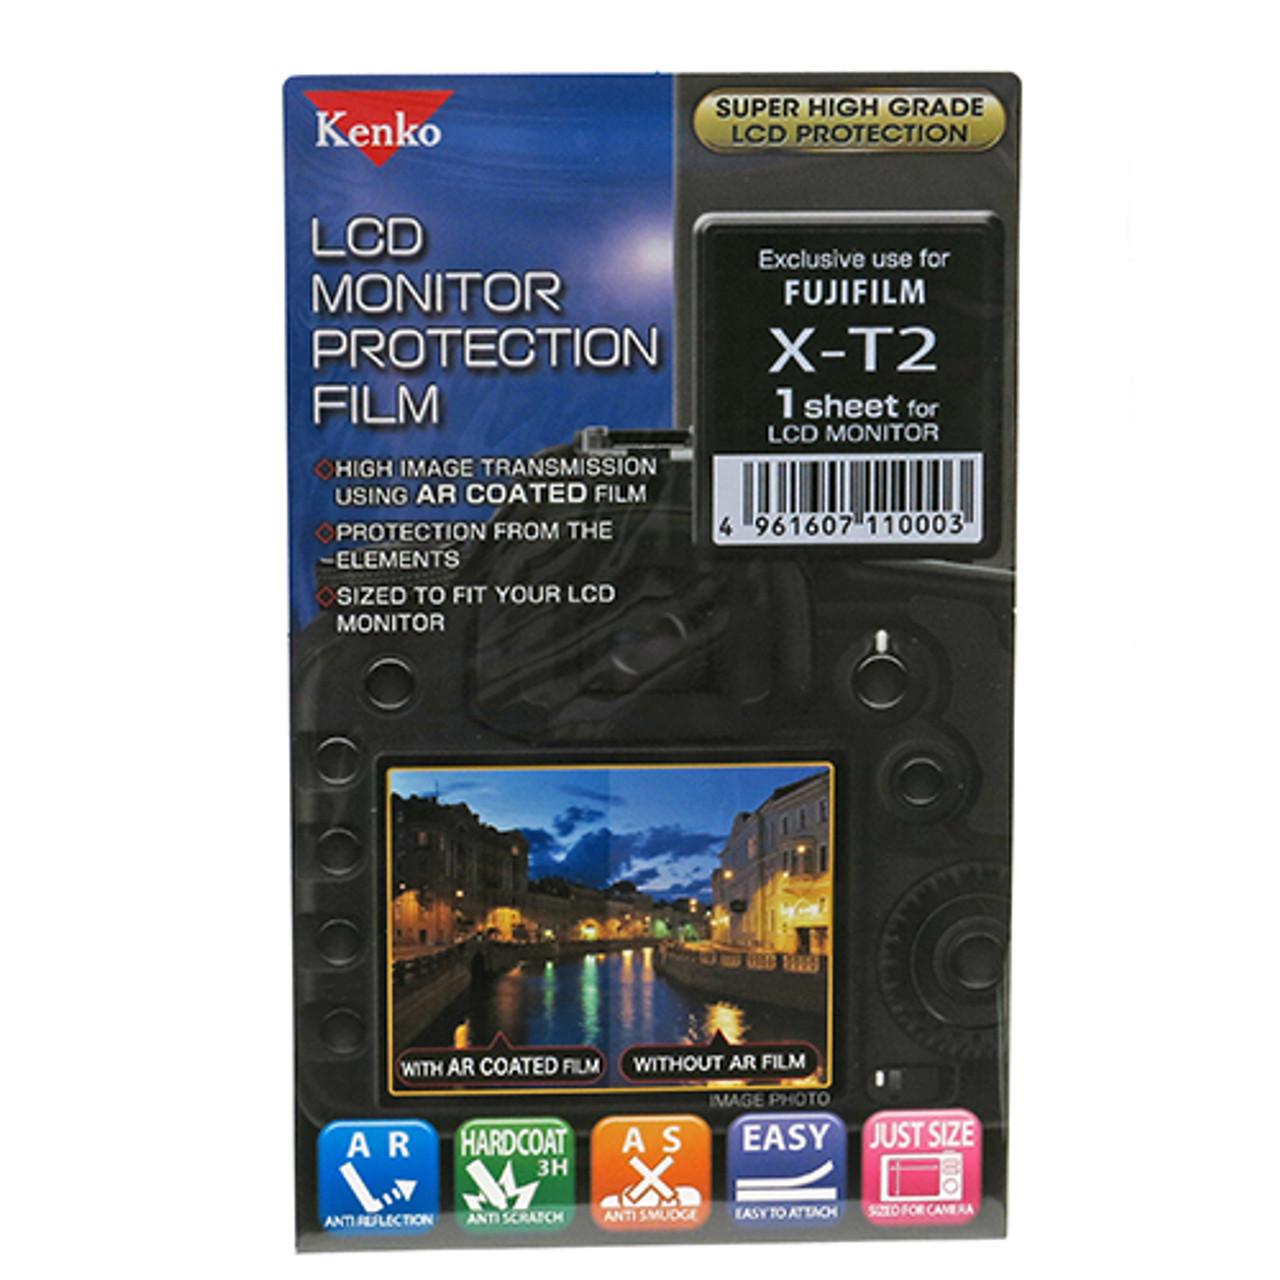 KENKO LCD SCREEN PROTECTOR - FUJIFILM X-T2